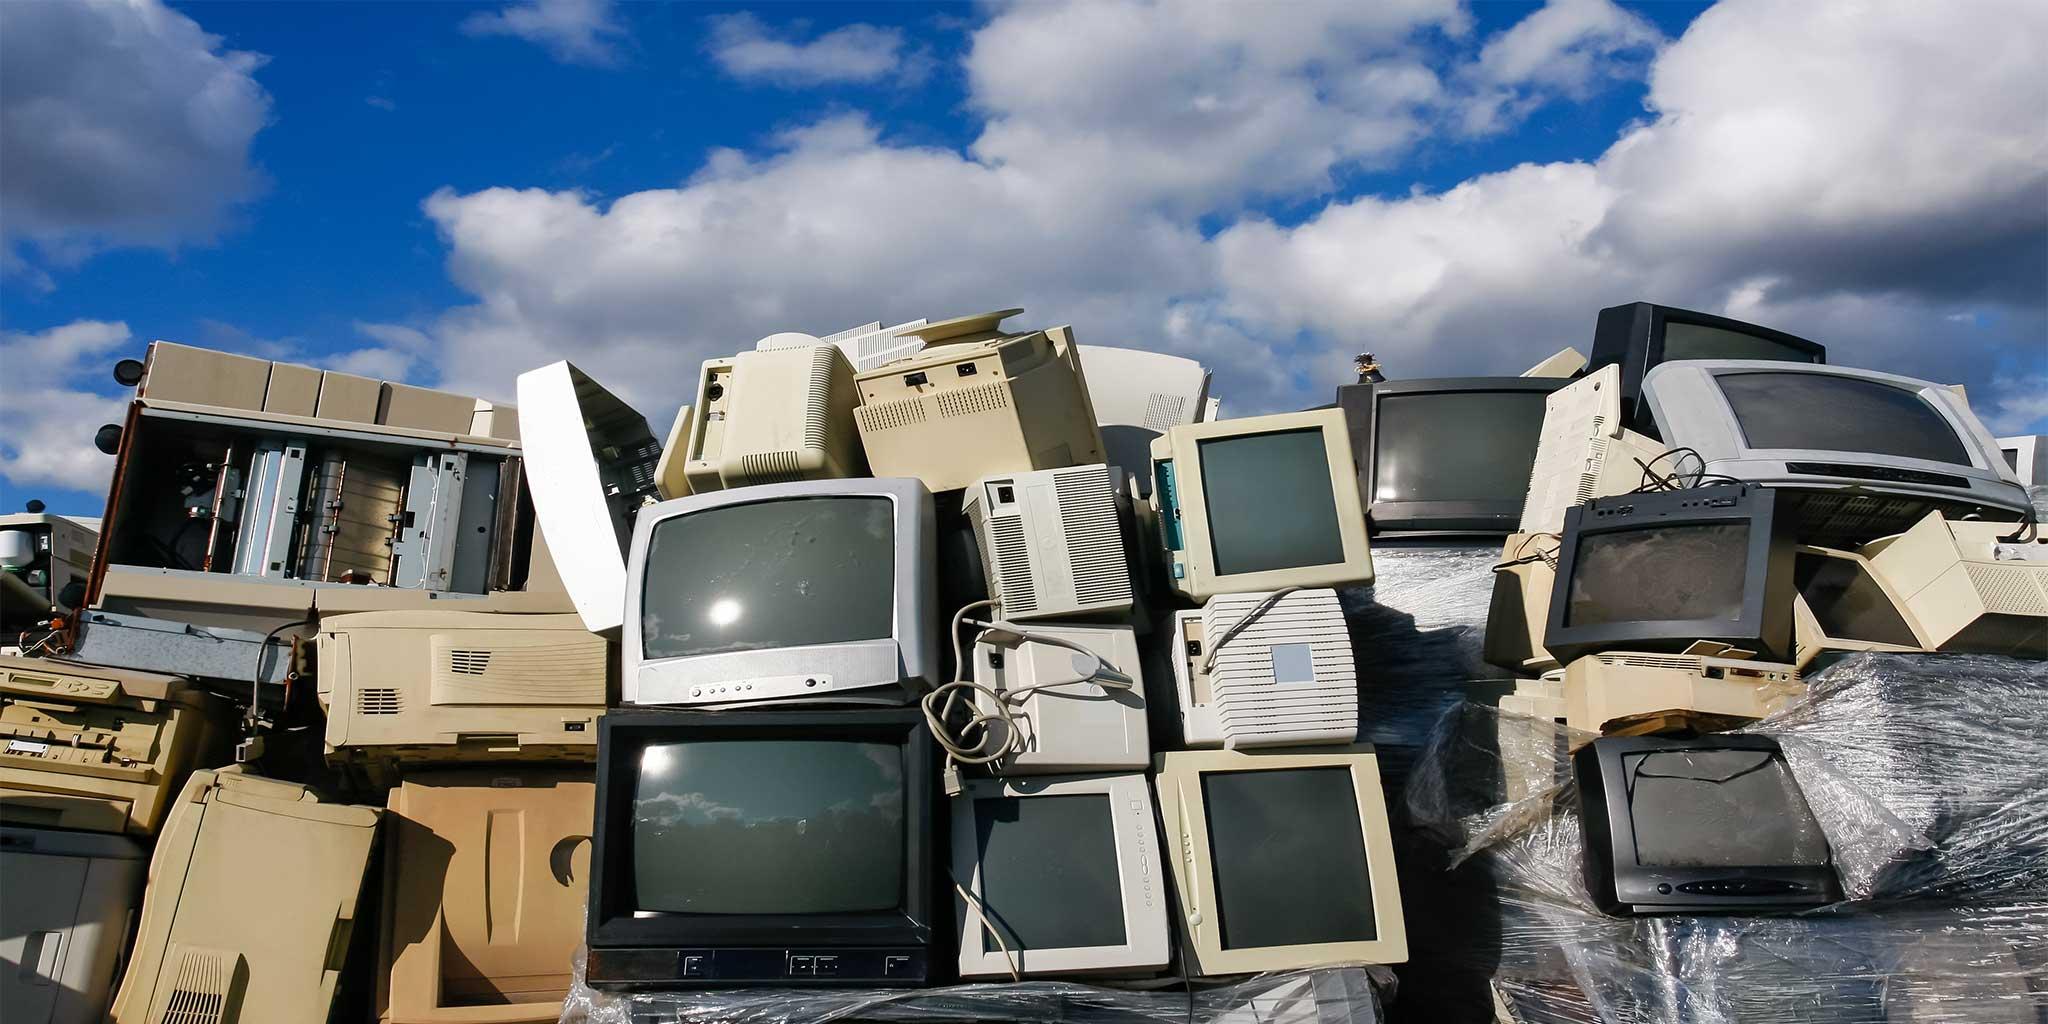 TVs That are Broken